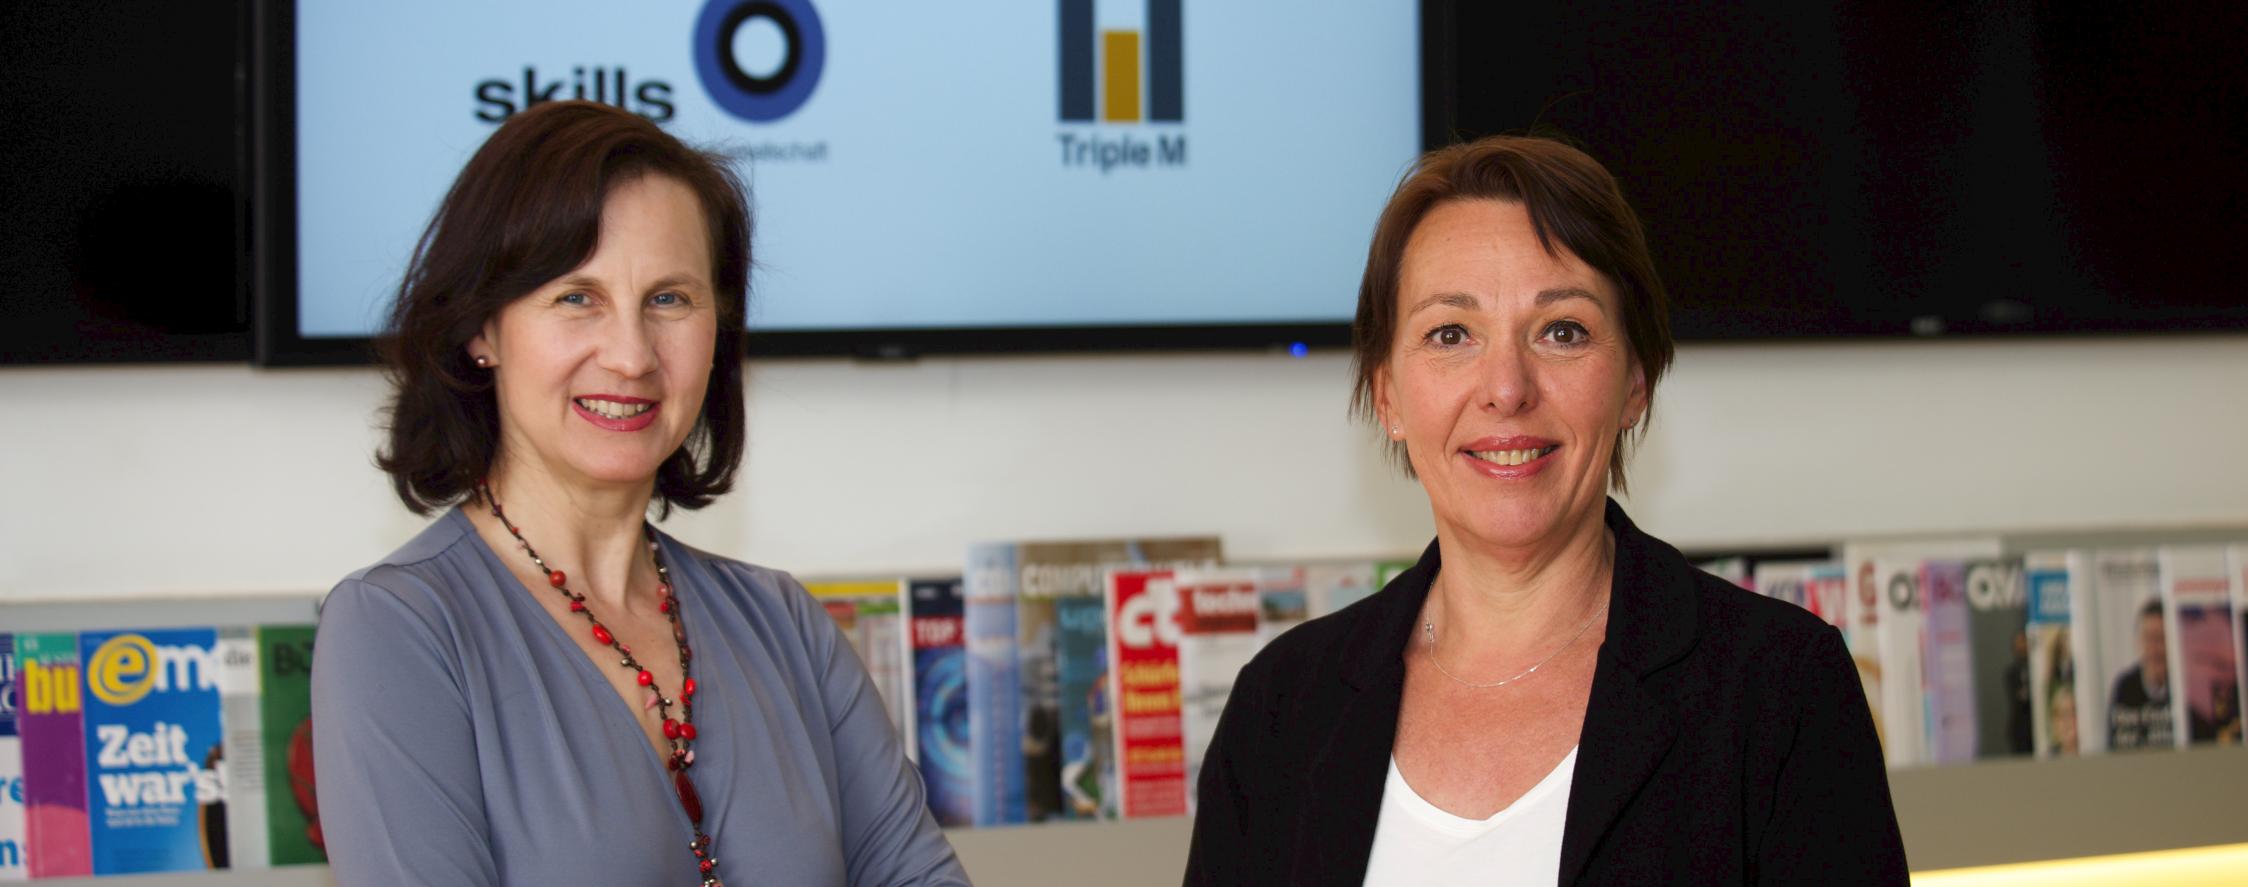 Karin Wiesinger von Skills und Christina Matzka von Triple M stellen das Tool vor